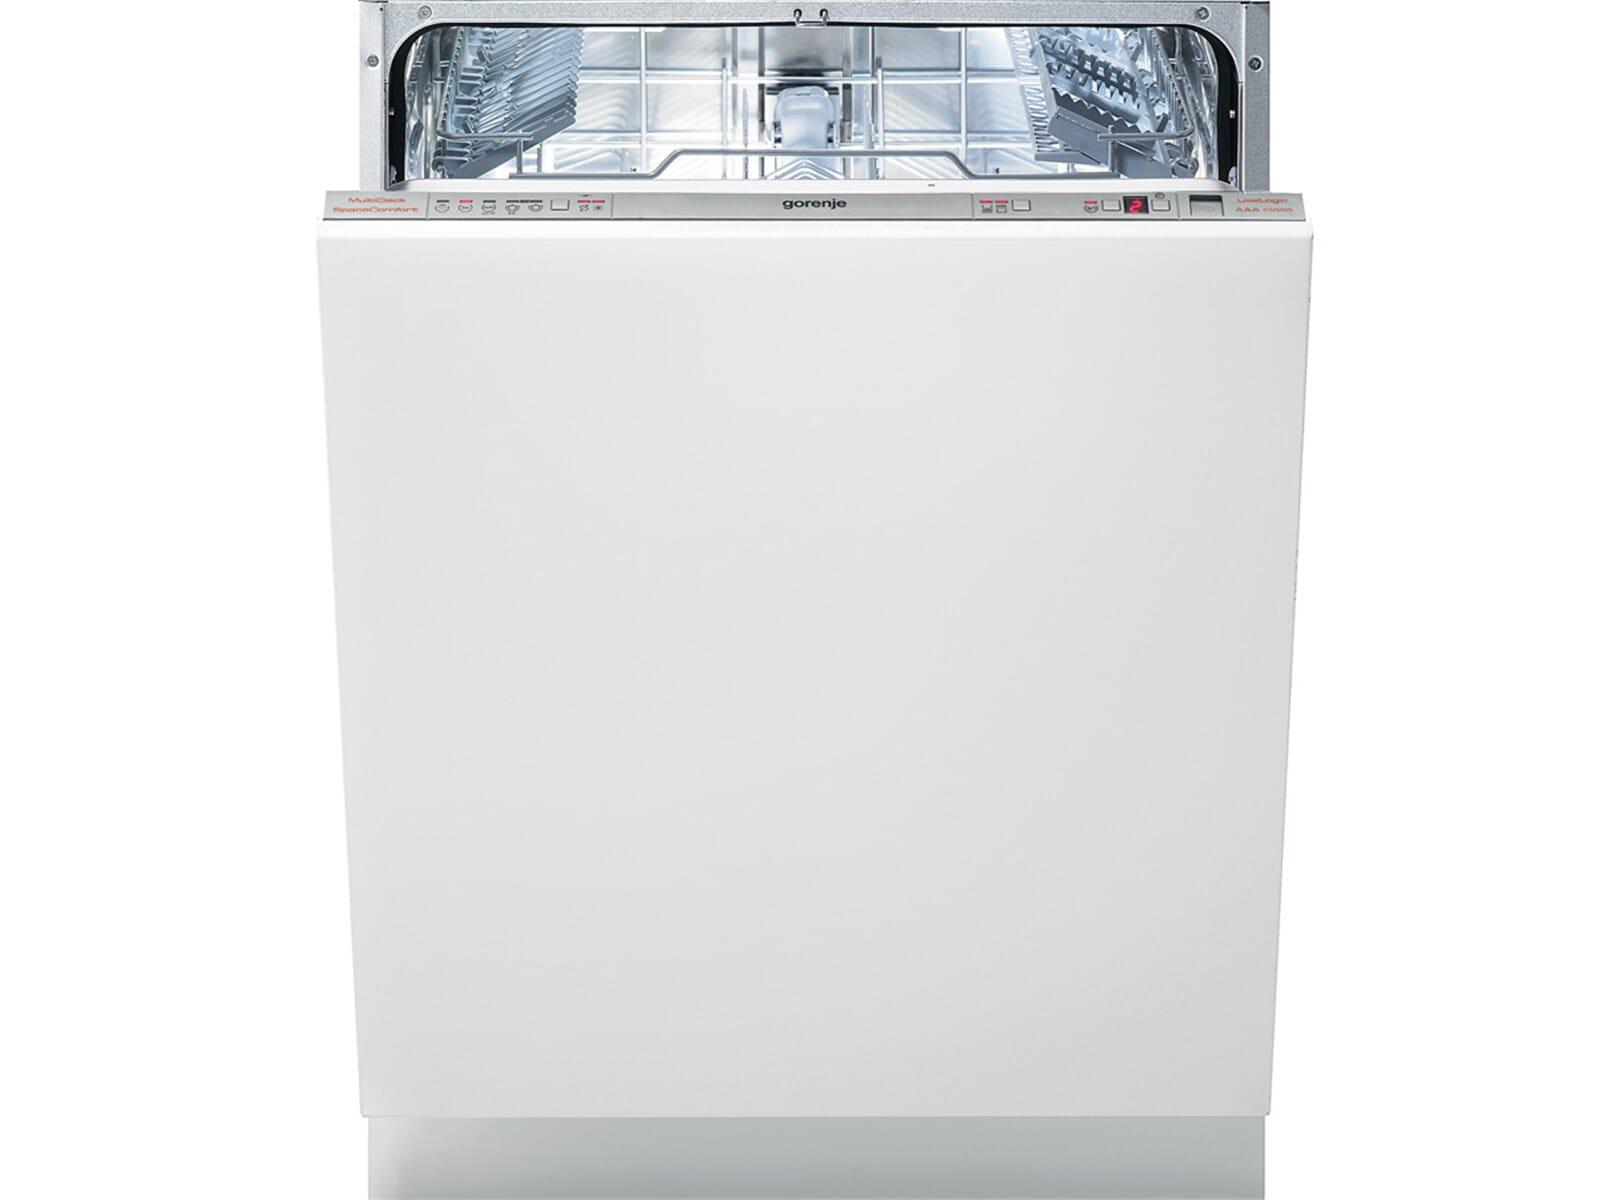 Xxl spulmaschine gorenje gv 63424 vollintegriert o eur 530 for Spülmaschine gorenje